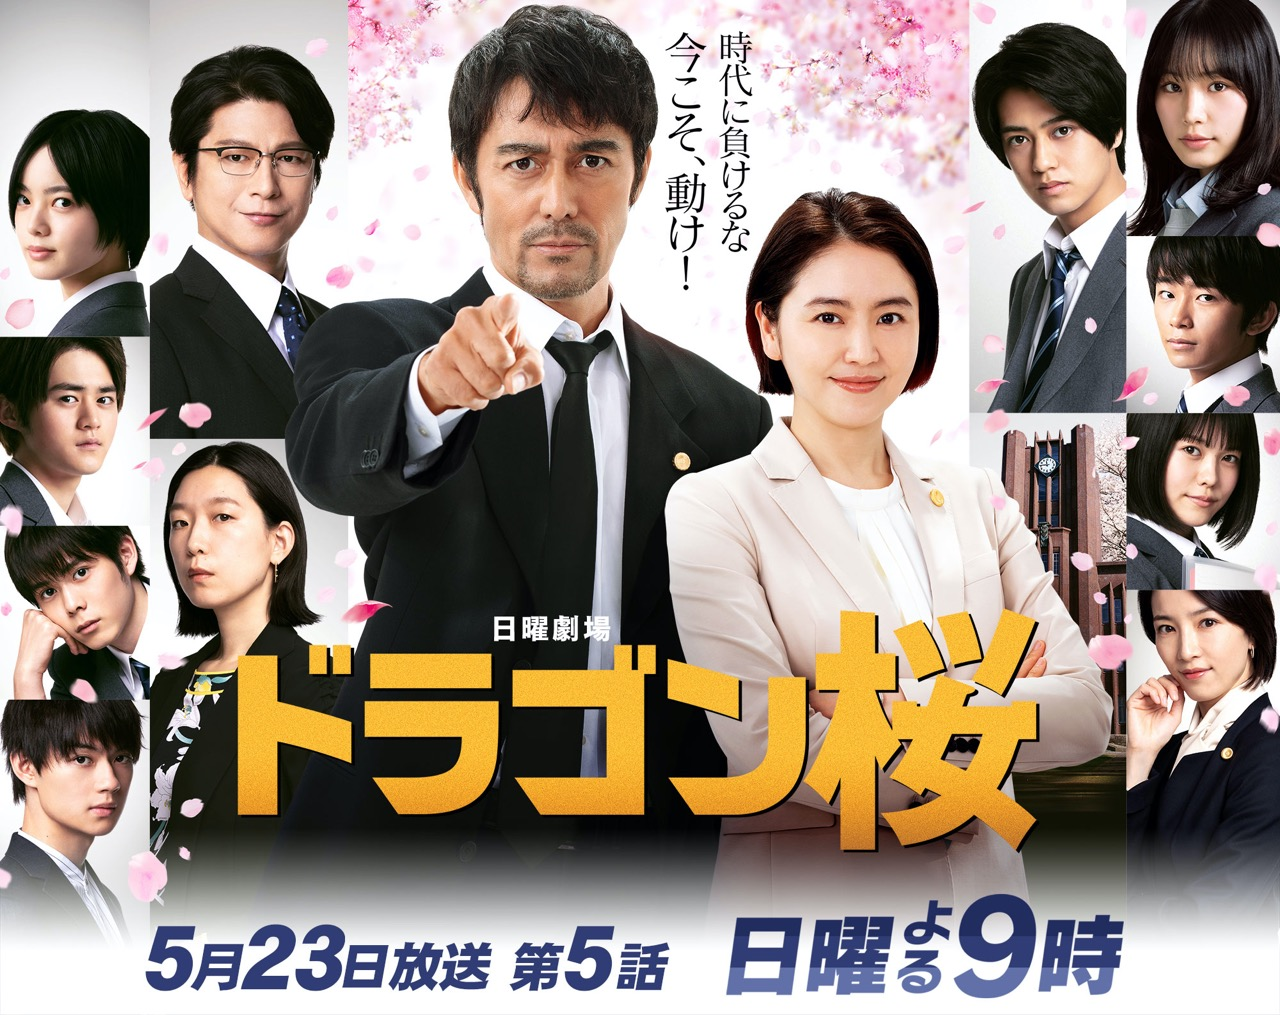 平手友梨奈出演、日曜劇場「ドラゴン桜」第5話:大人が導く子の未来!不可能からの大挑戦!